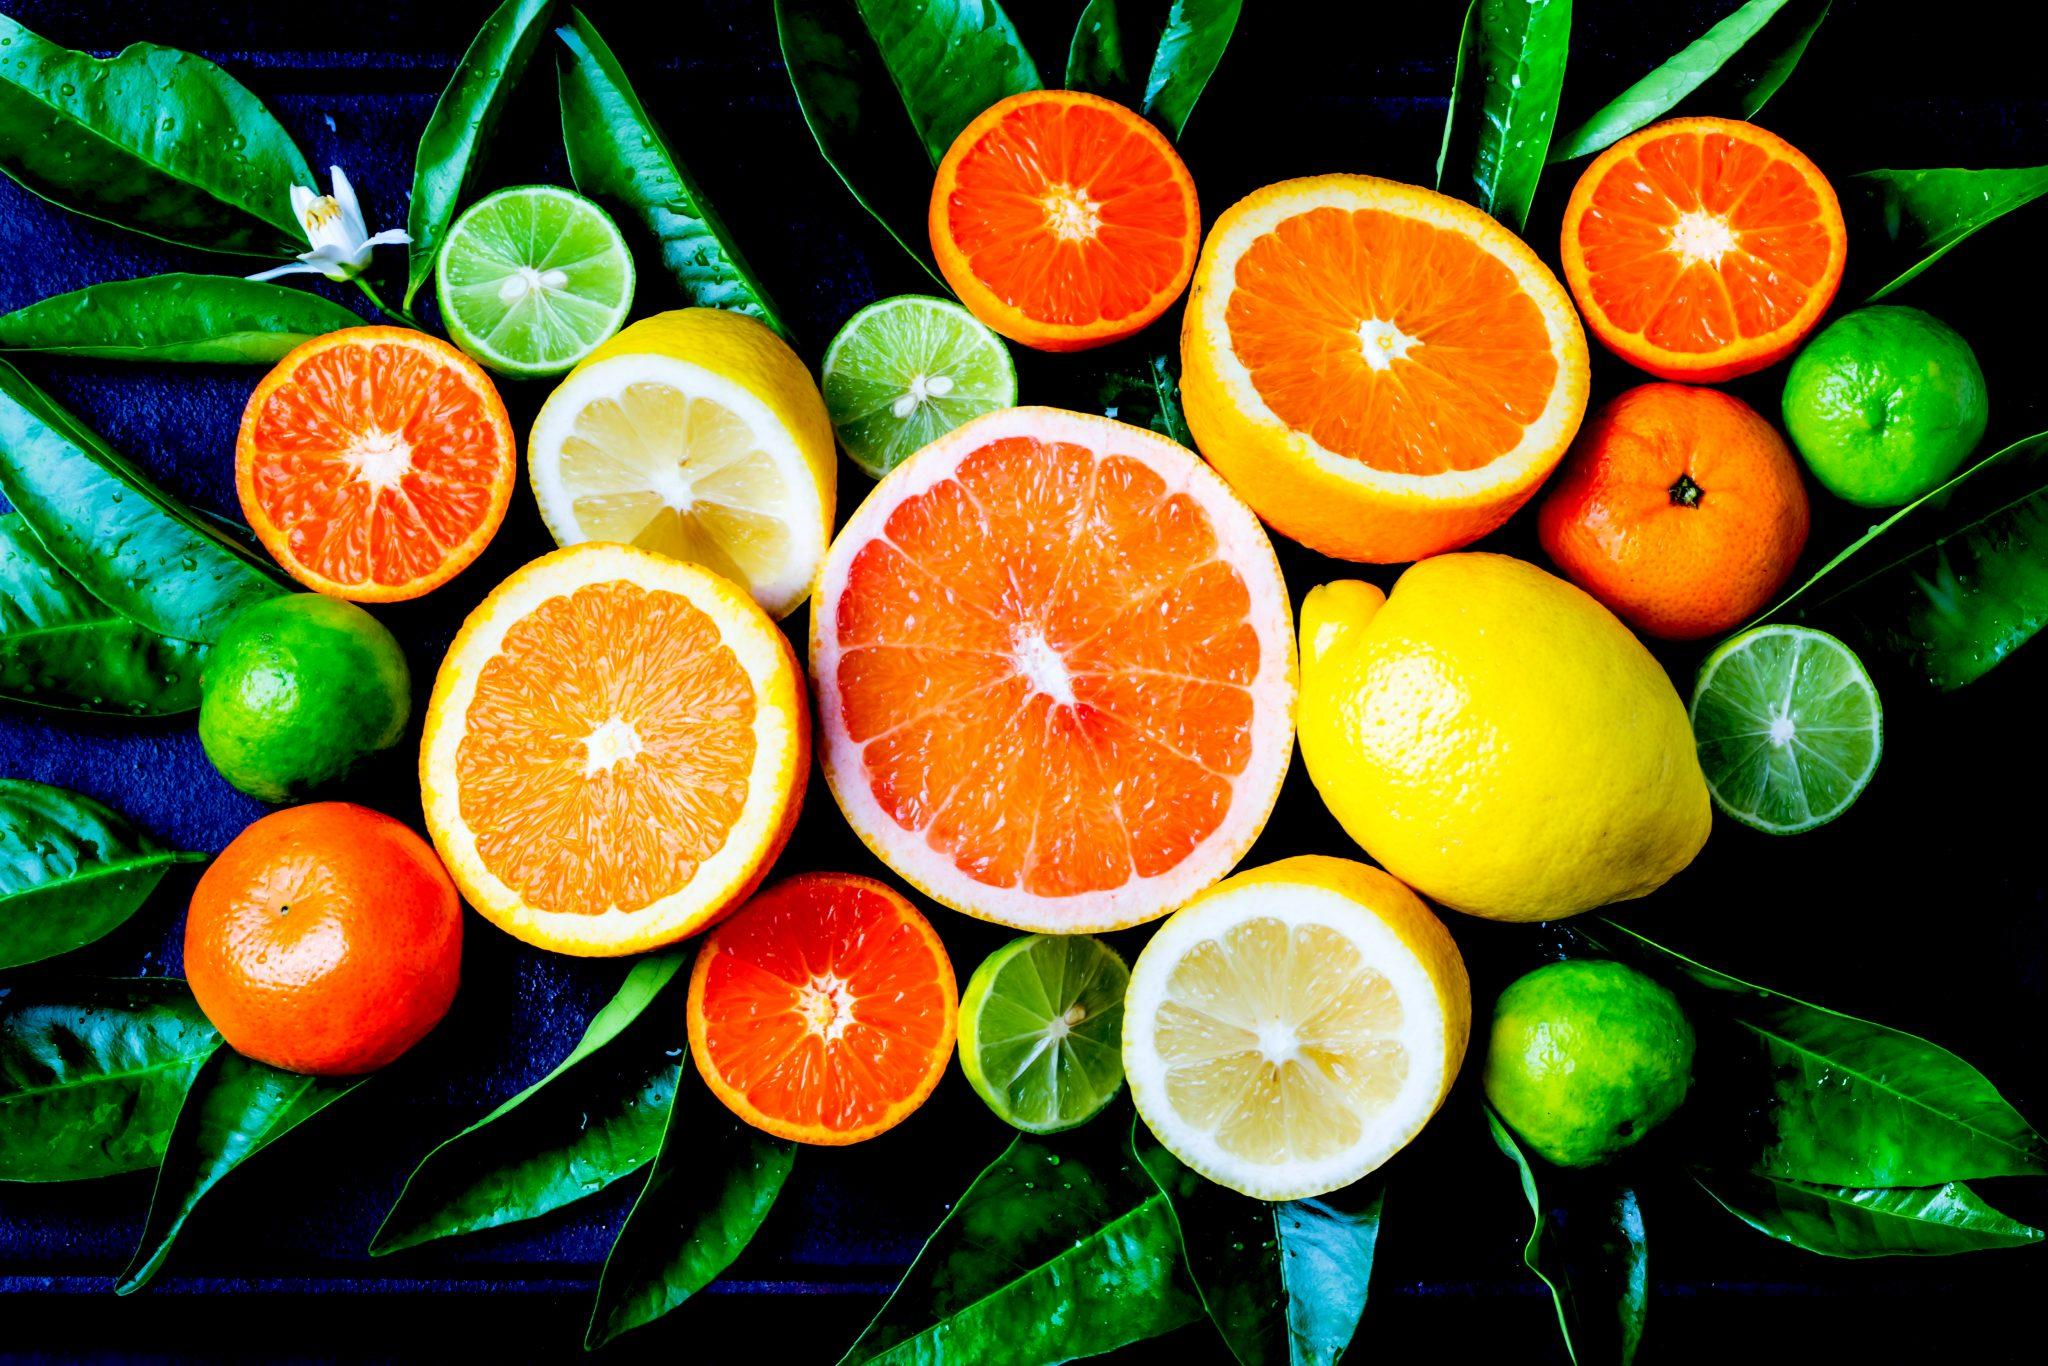 柑橘系の果物を集めて撮った写真